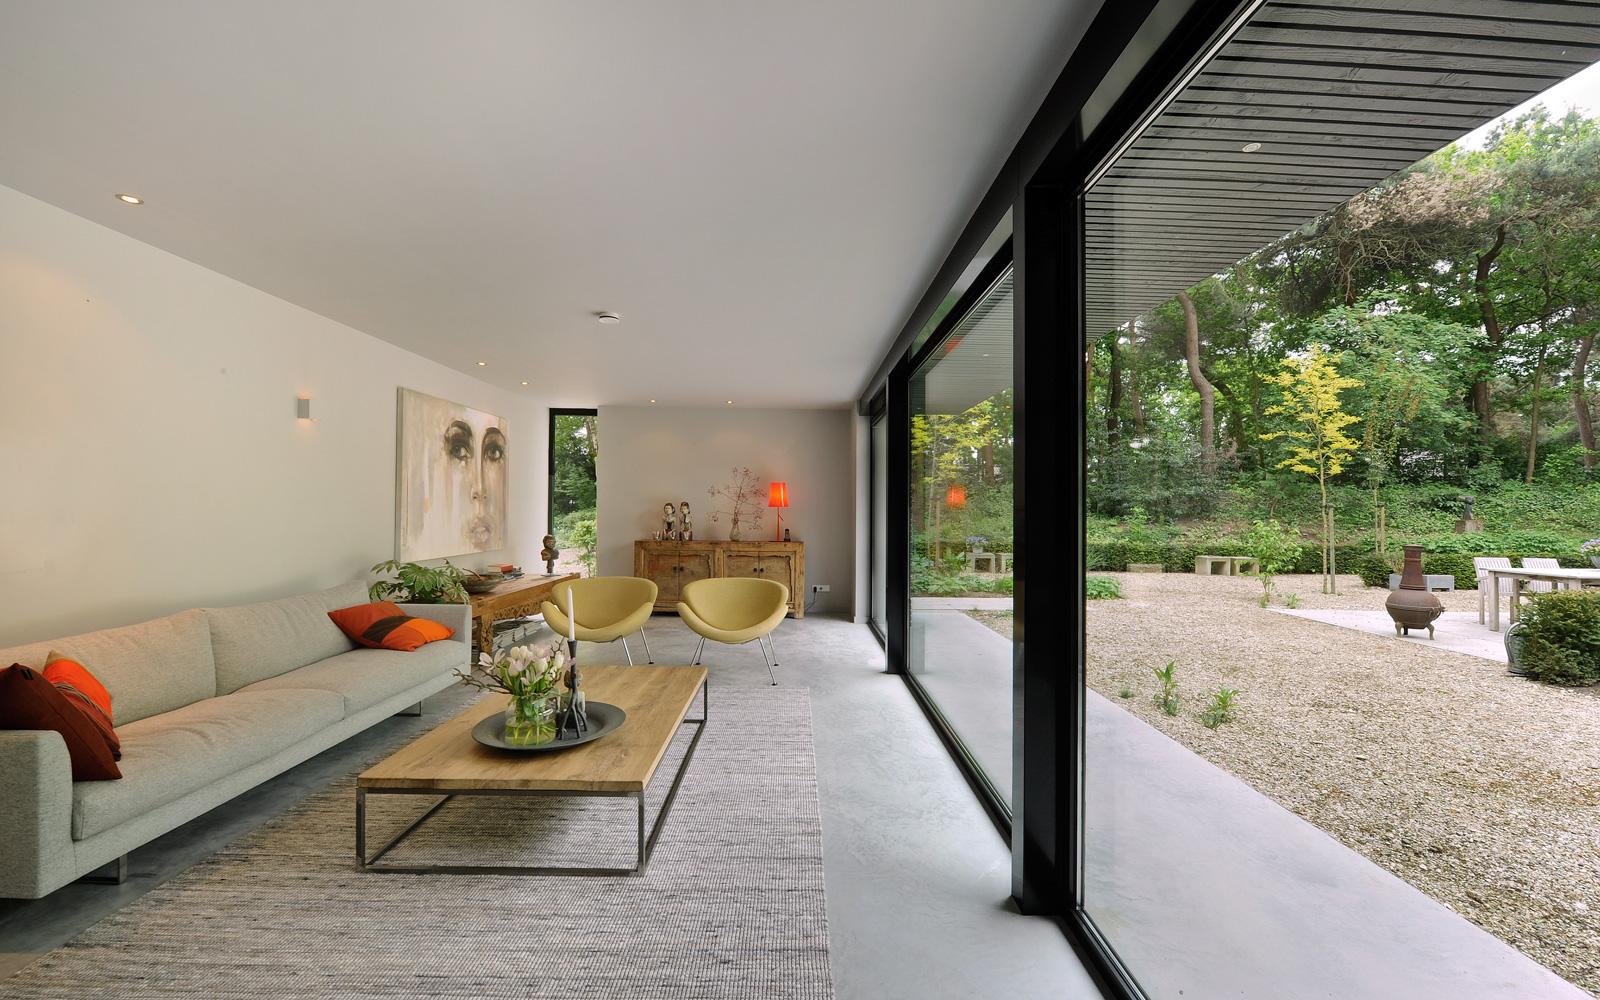 Novalis.O is verantwoordelijk voor het mooie interieur dat deze bungalow perfect staat.